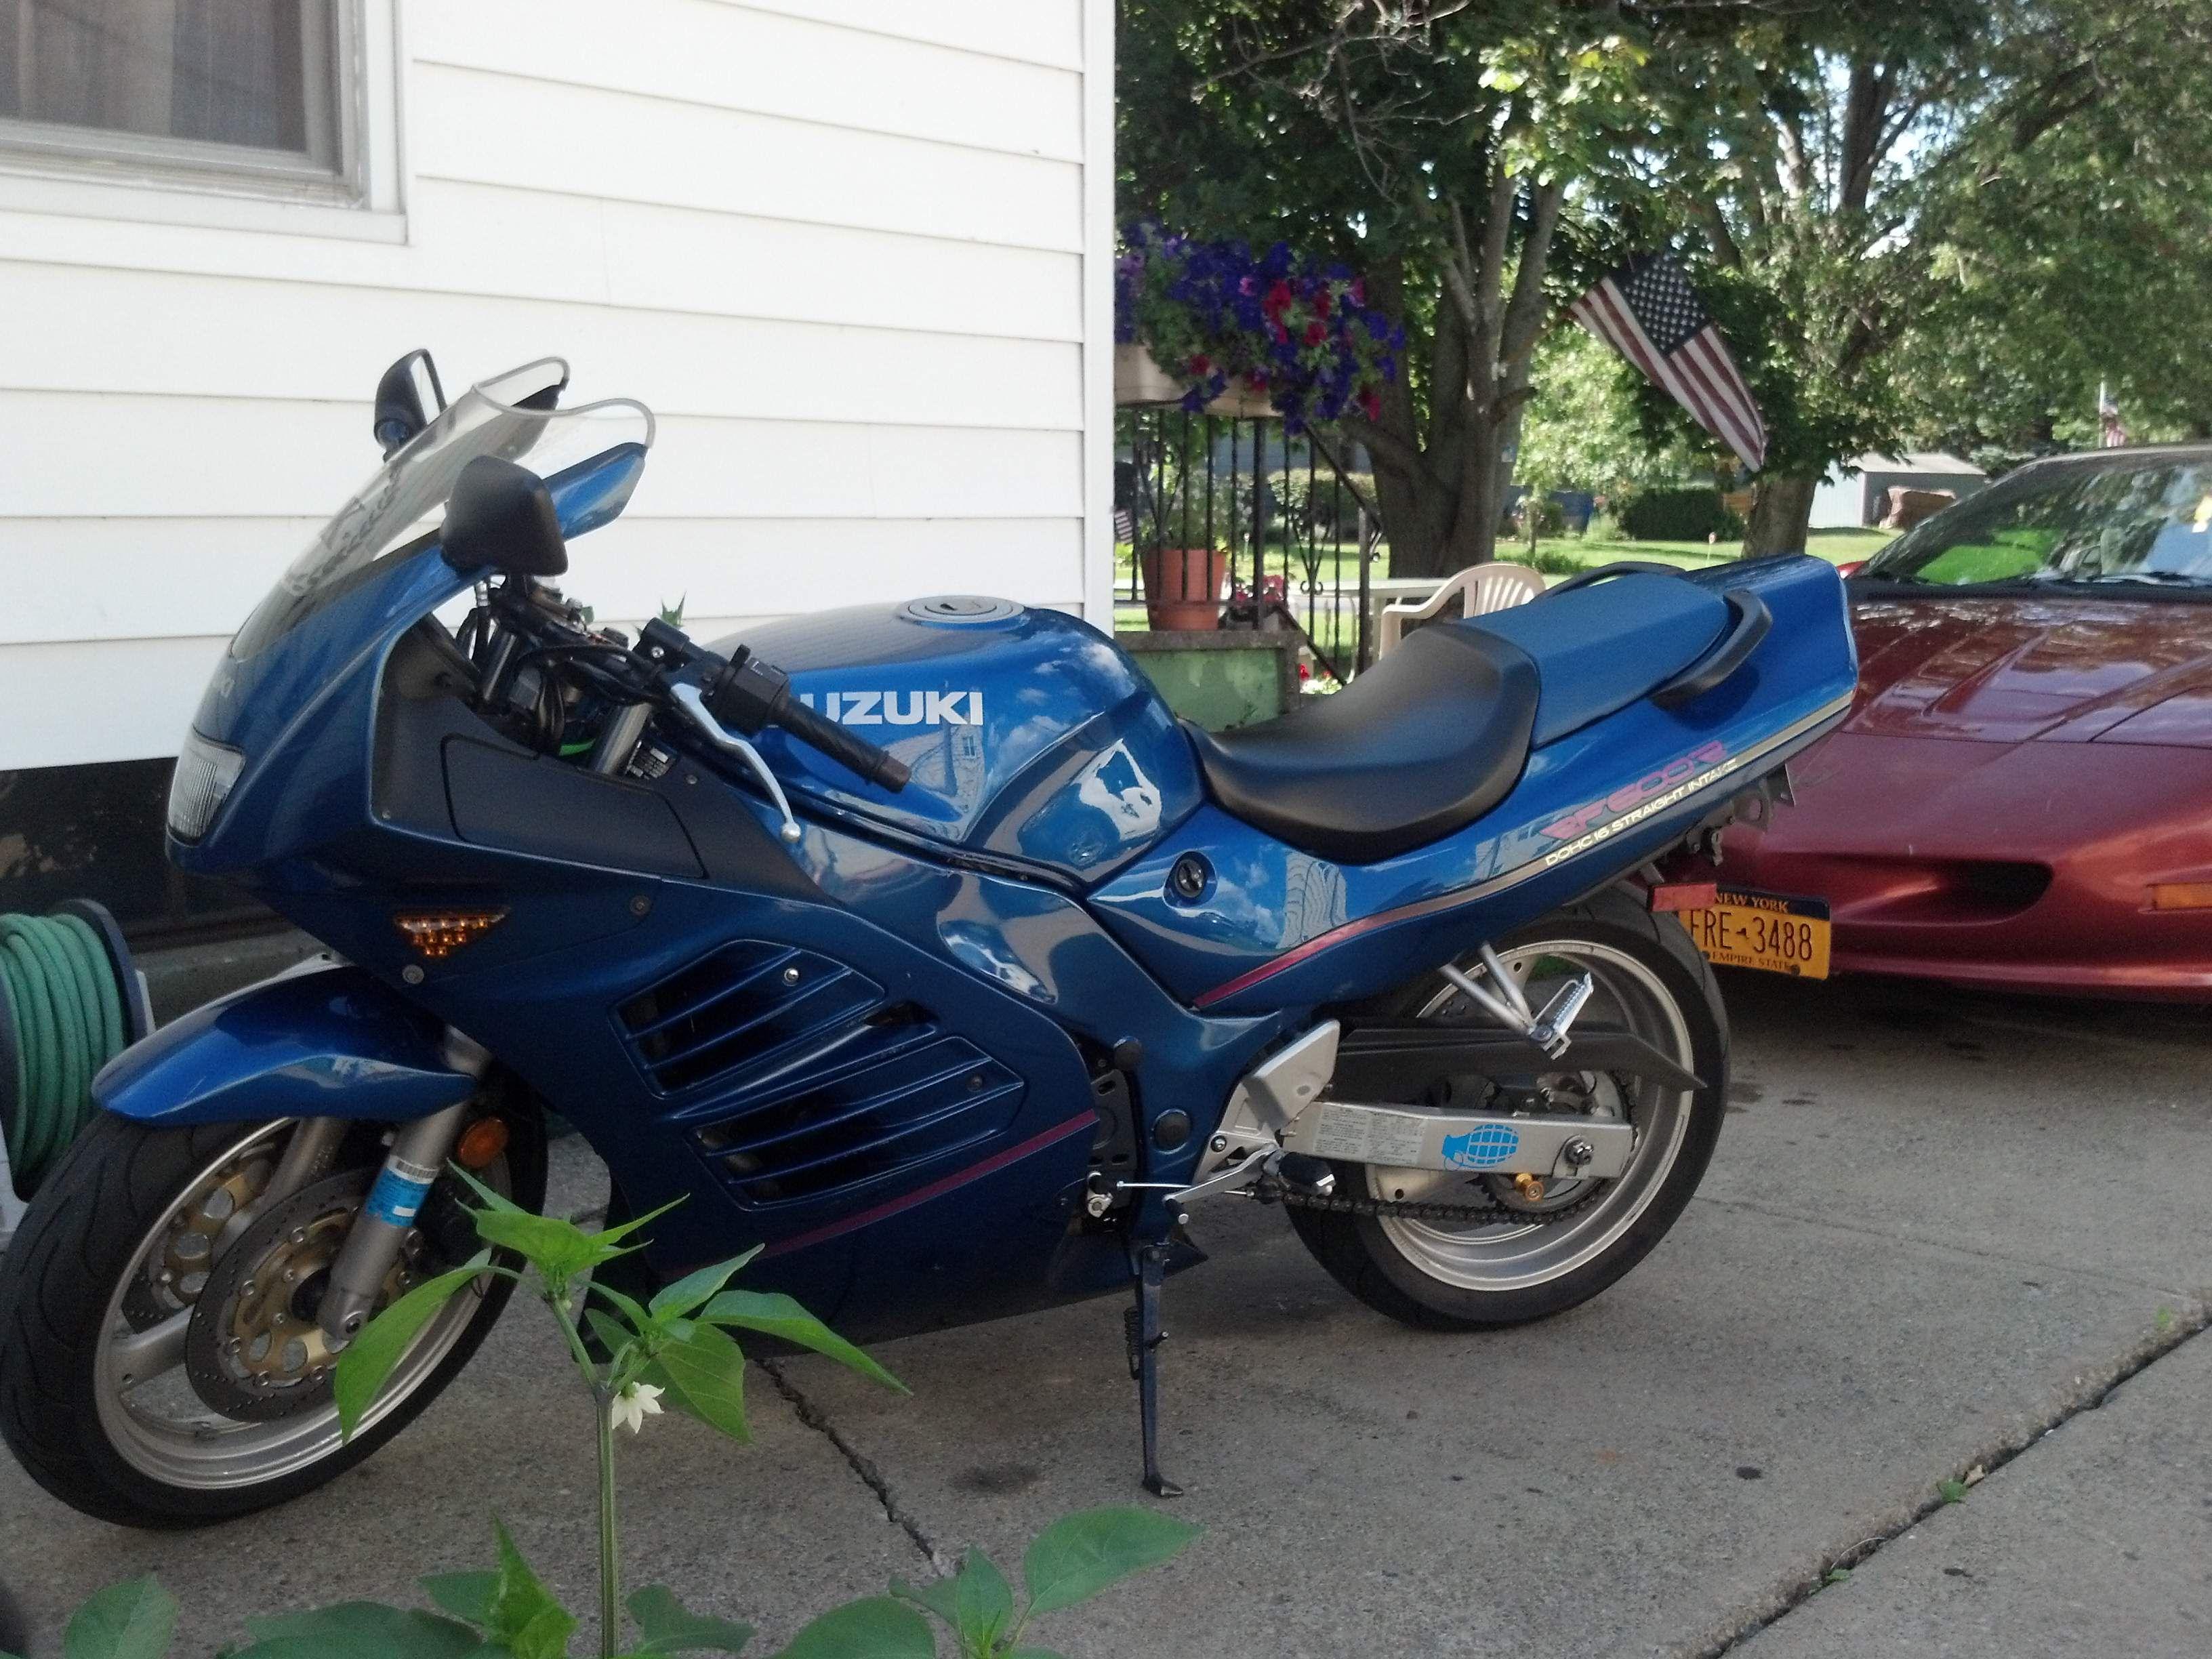 94 Suzuki Rf600r Mine Was Resprayed With A Colour Change Paint Sky Blue Pink Suzuki Bike Blue Sky